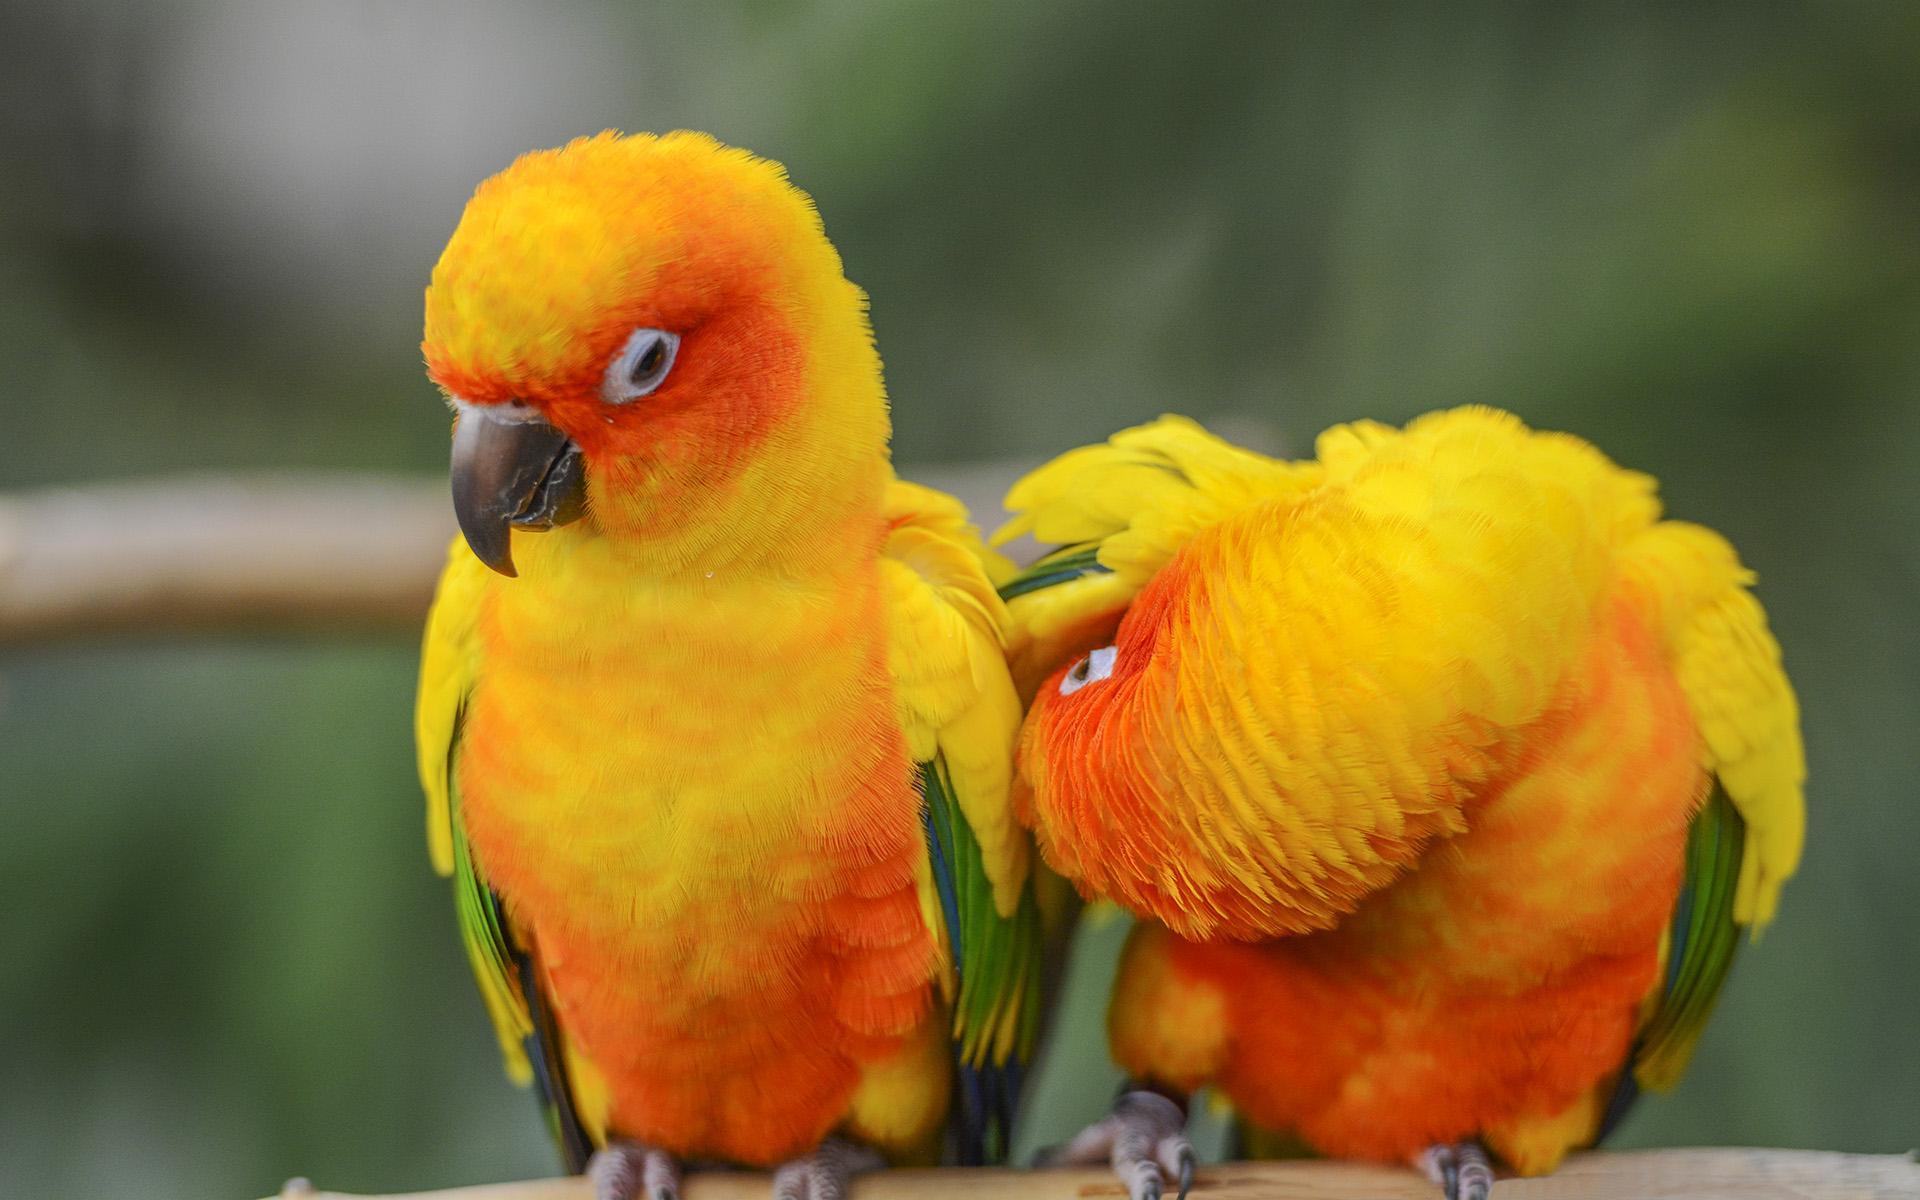 太阳锥尾鹦鹉寿命 太阳锥尾鹦鹉的寿命